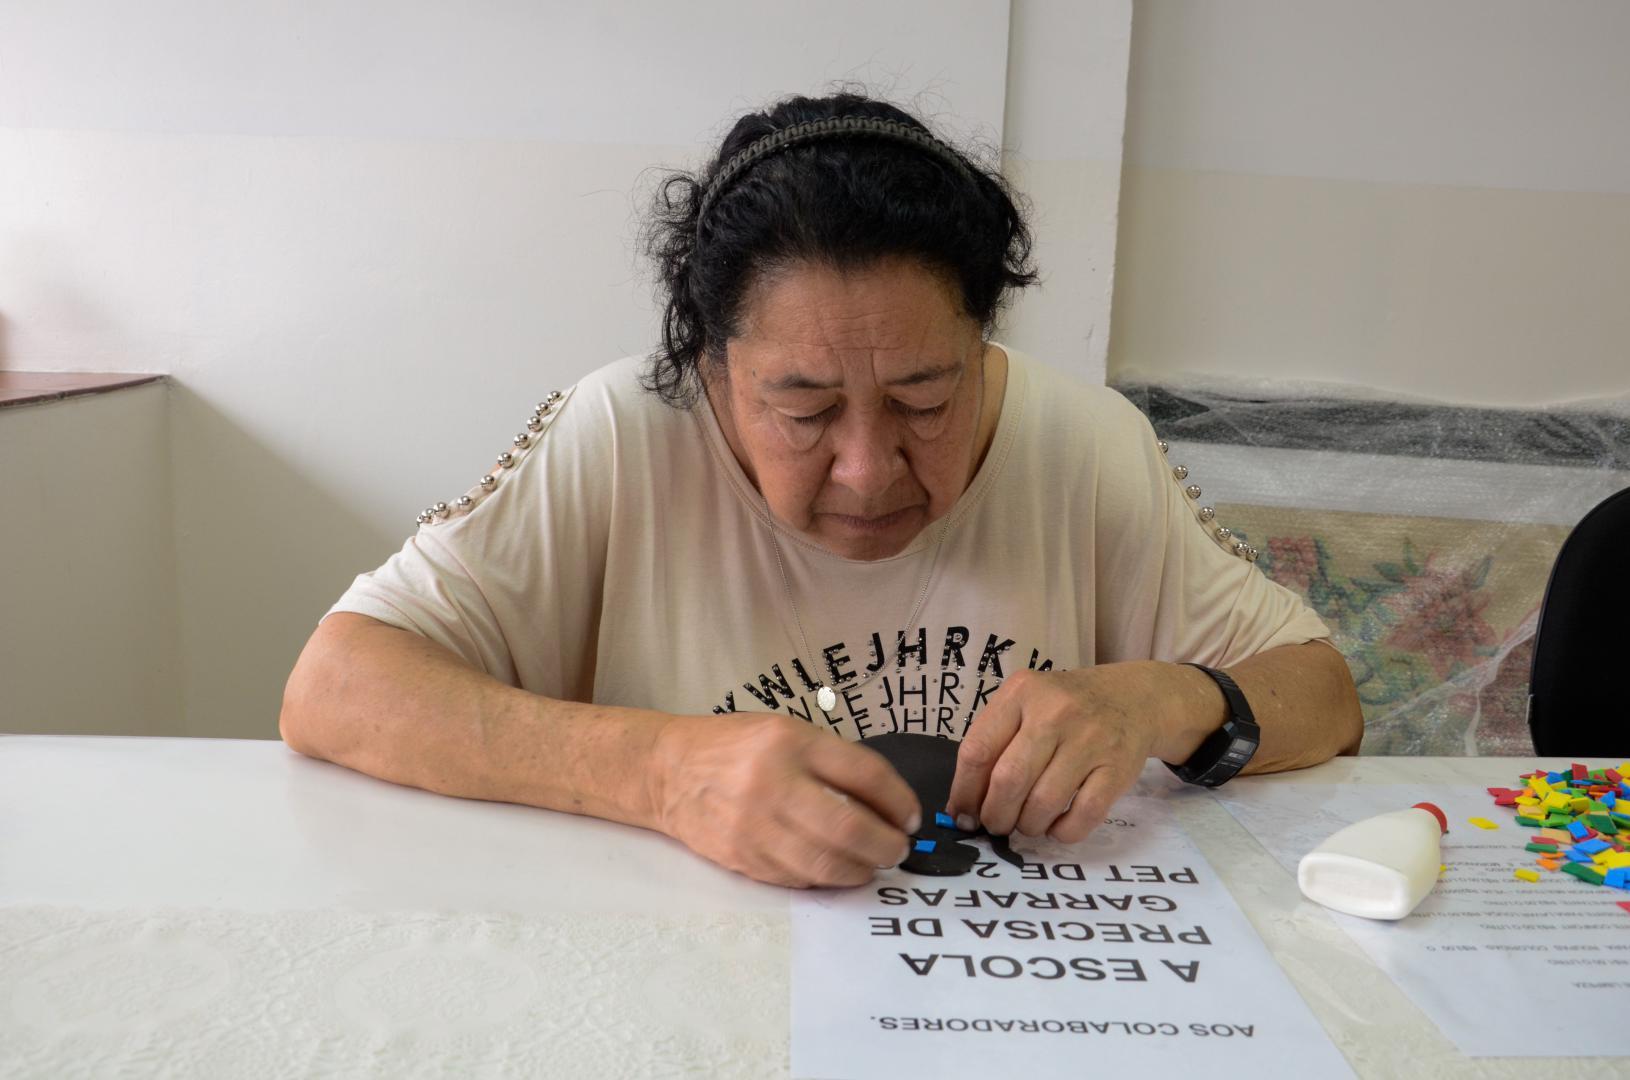 a imagem mostra uma senhora sentada a uma mesa branca, fazendo colagem sobre um papel branco com texto. Ela está utilizando as duas mãos na atividade, está olhando para baixo, concentrada.